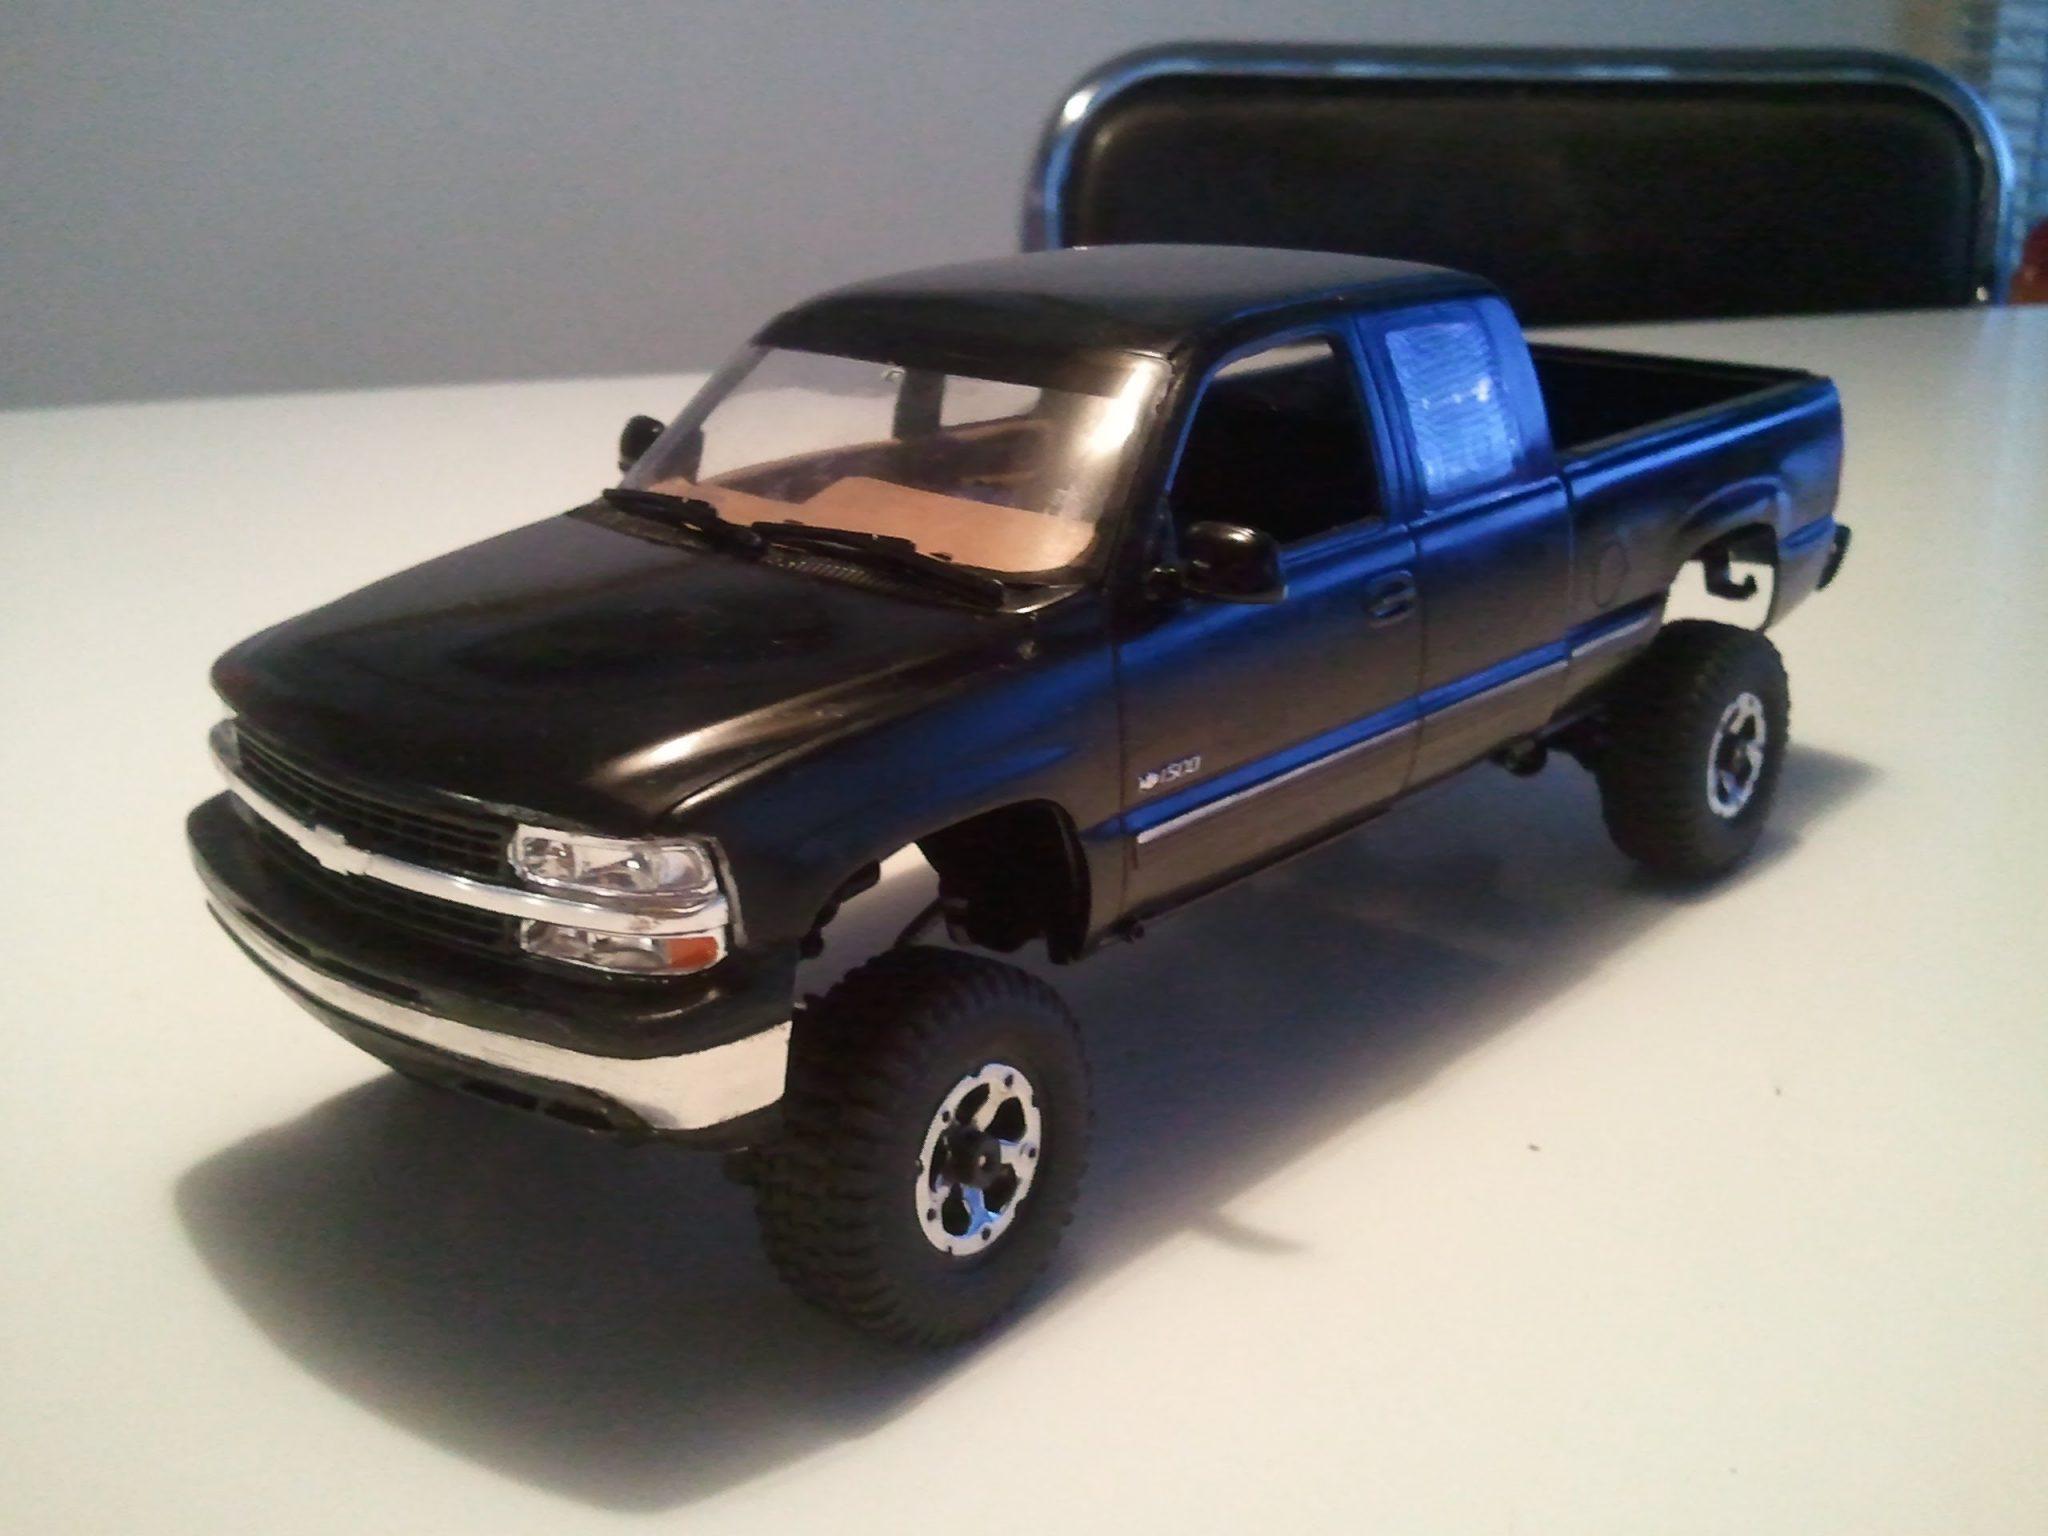 Small & Scale – A custom '99 Chevy Silverado Losi Mini Crawler [Video]